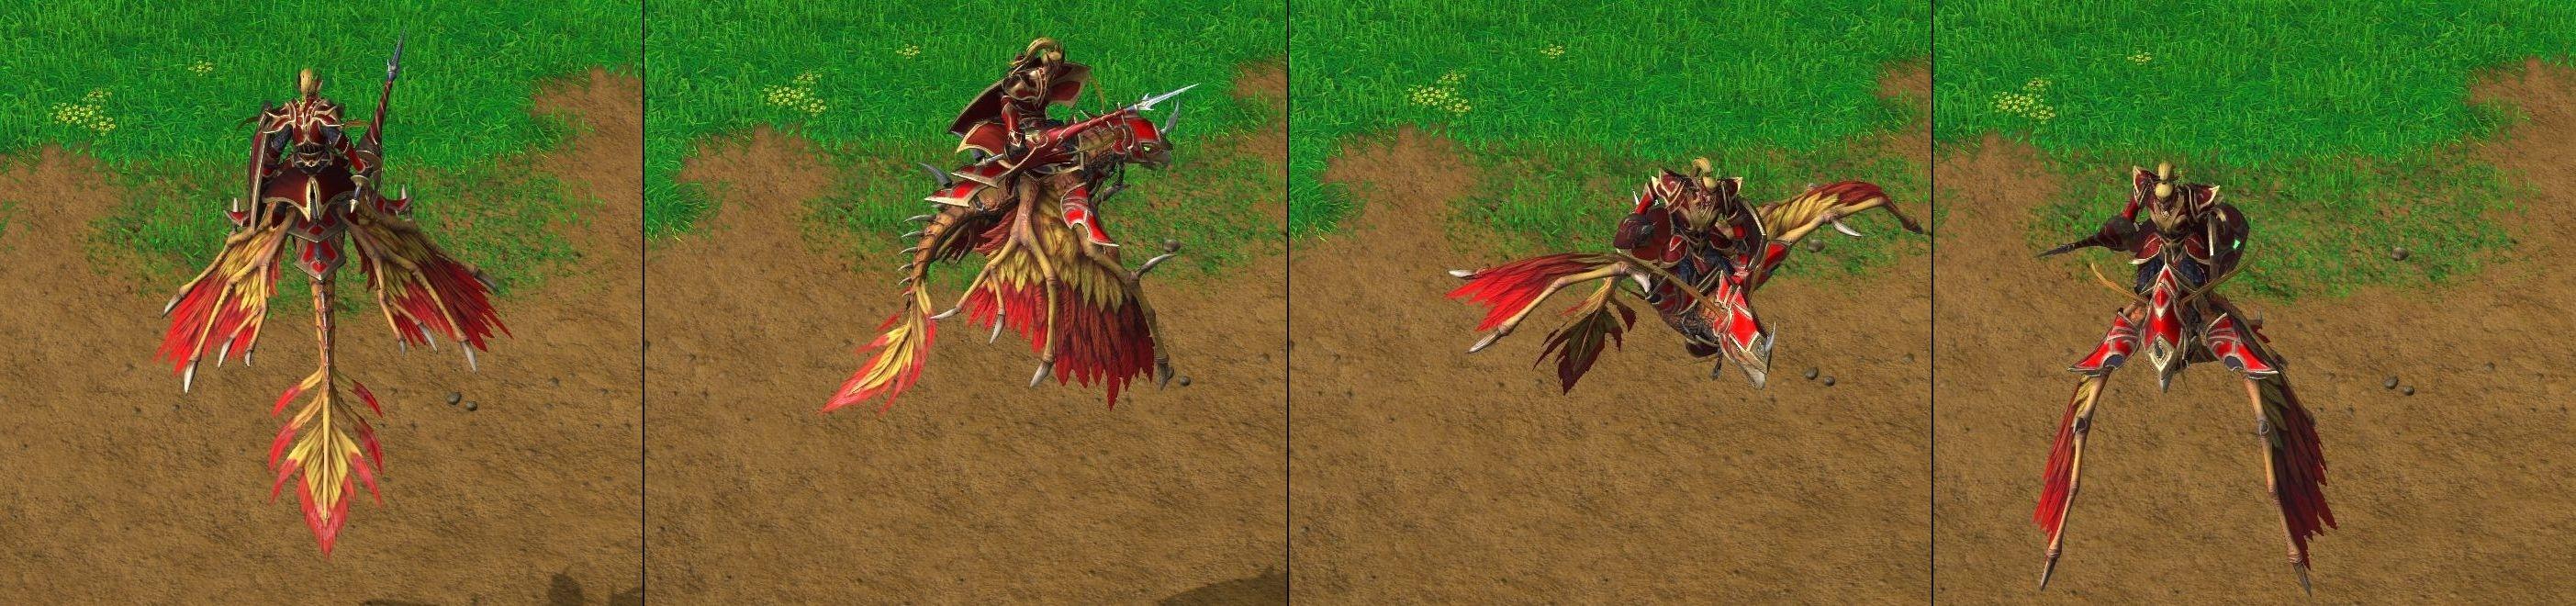 Warcraft 3 Reforged Dragonhawk Rider